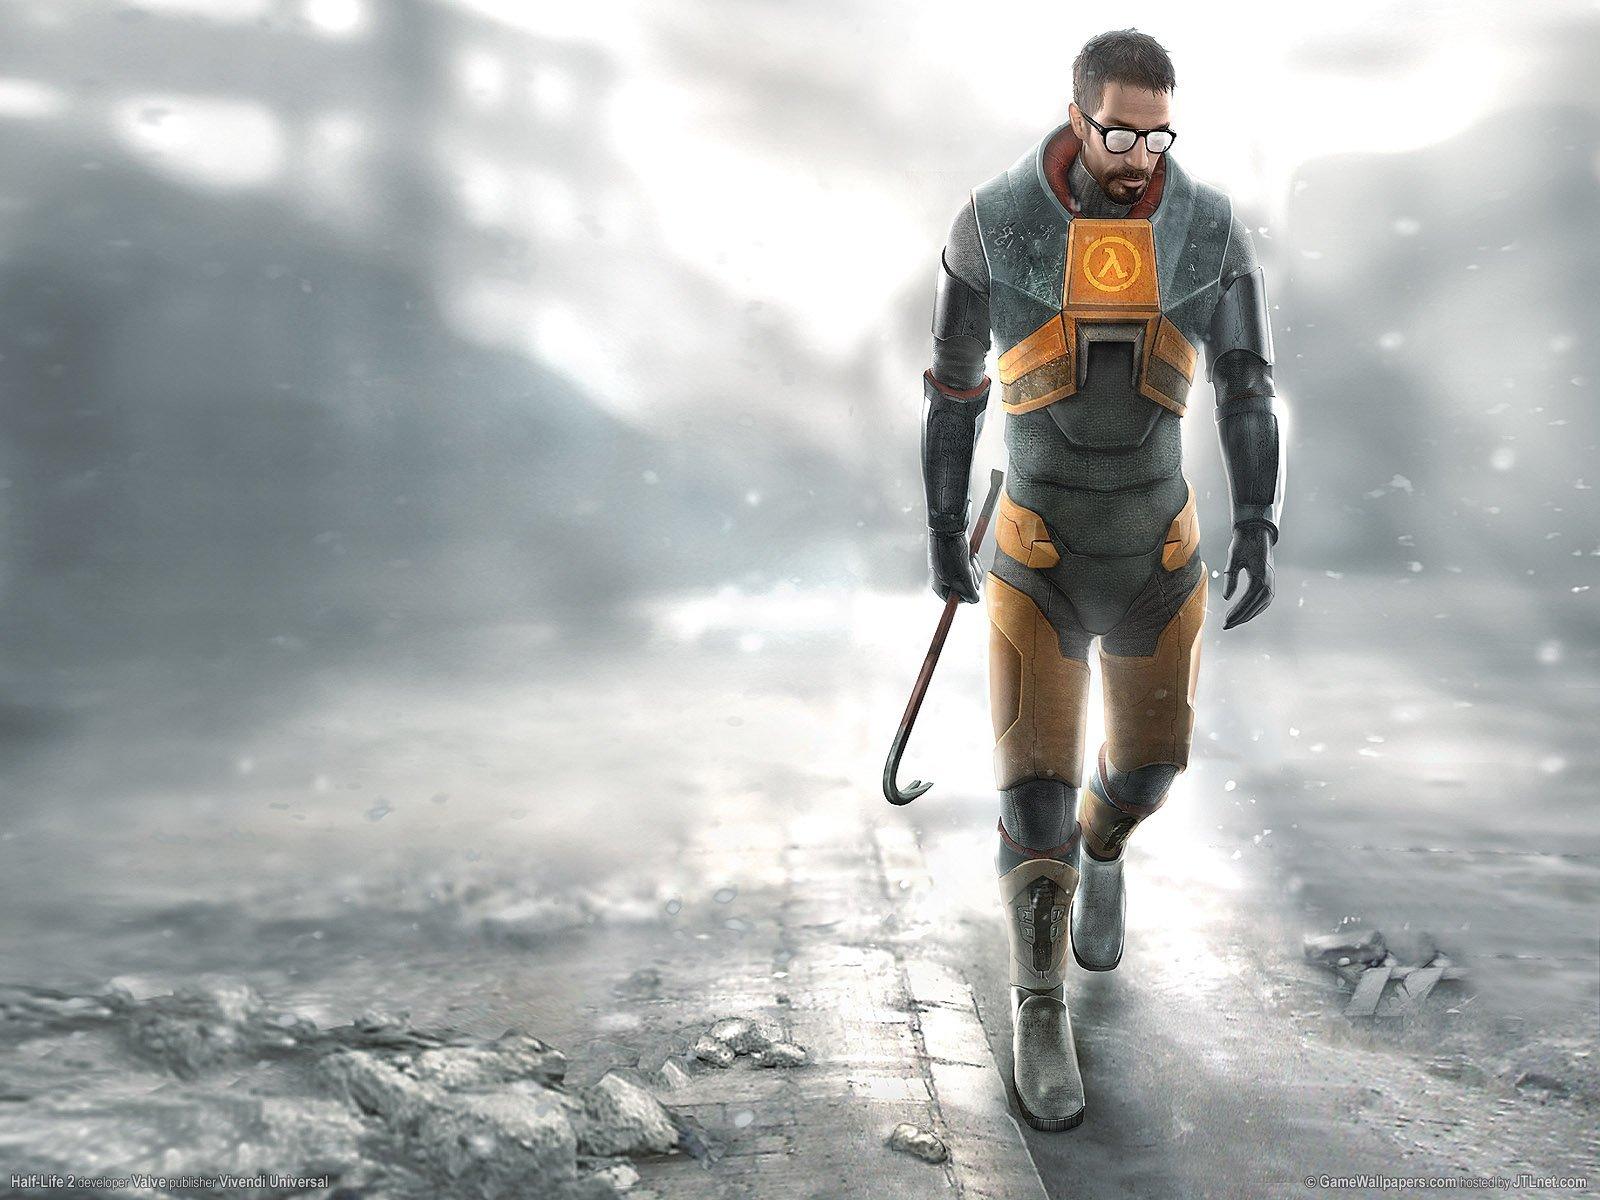 Свершилось то, чего мы все так долго ждали. Half-life 3 появился в списке игр, которые будут представлены на GamesCo ... - Изображение 1